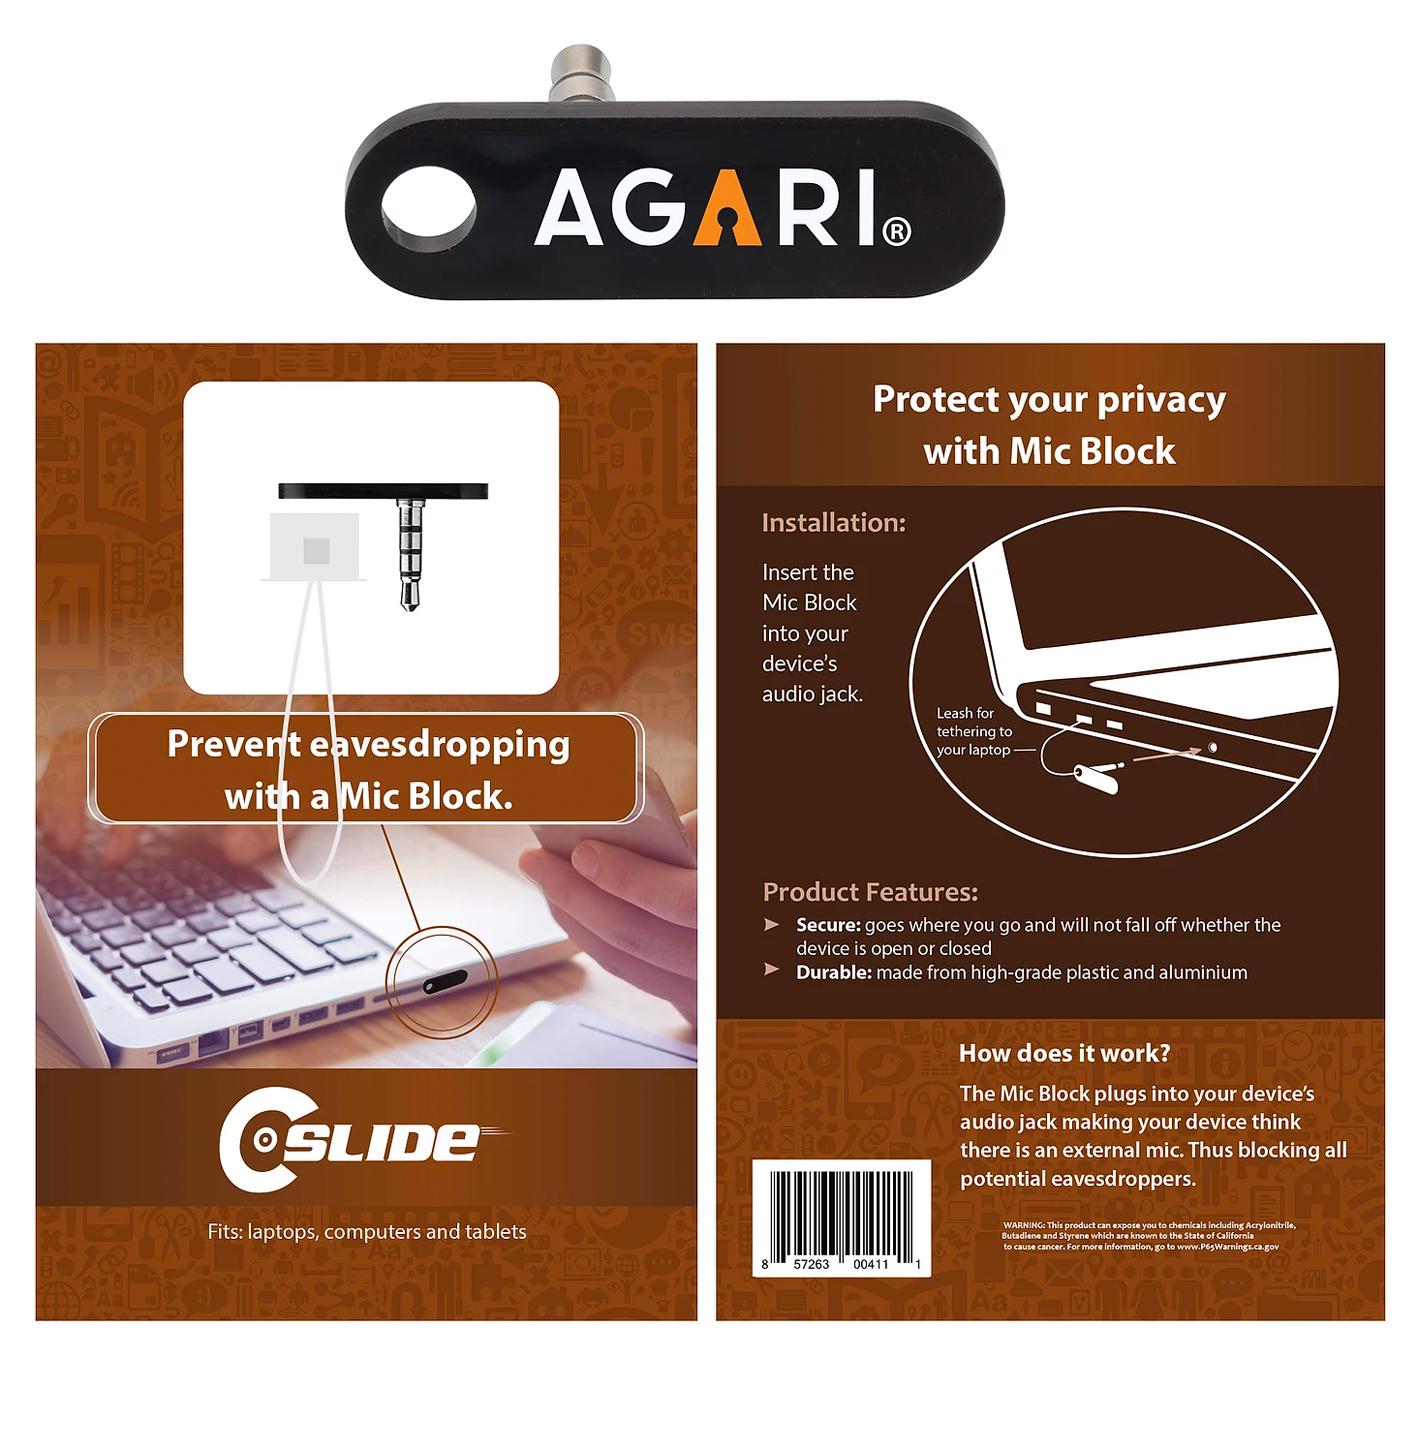 Agari Mic Block